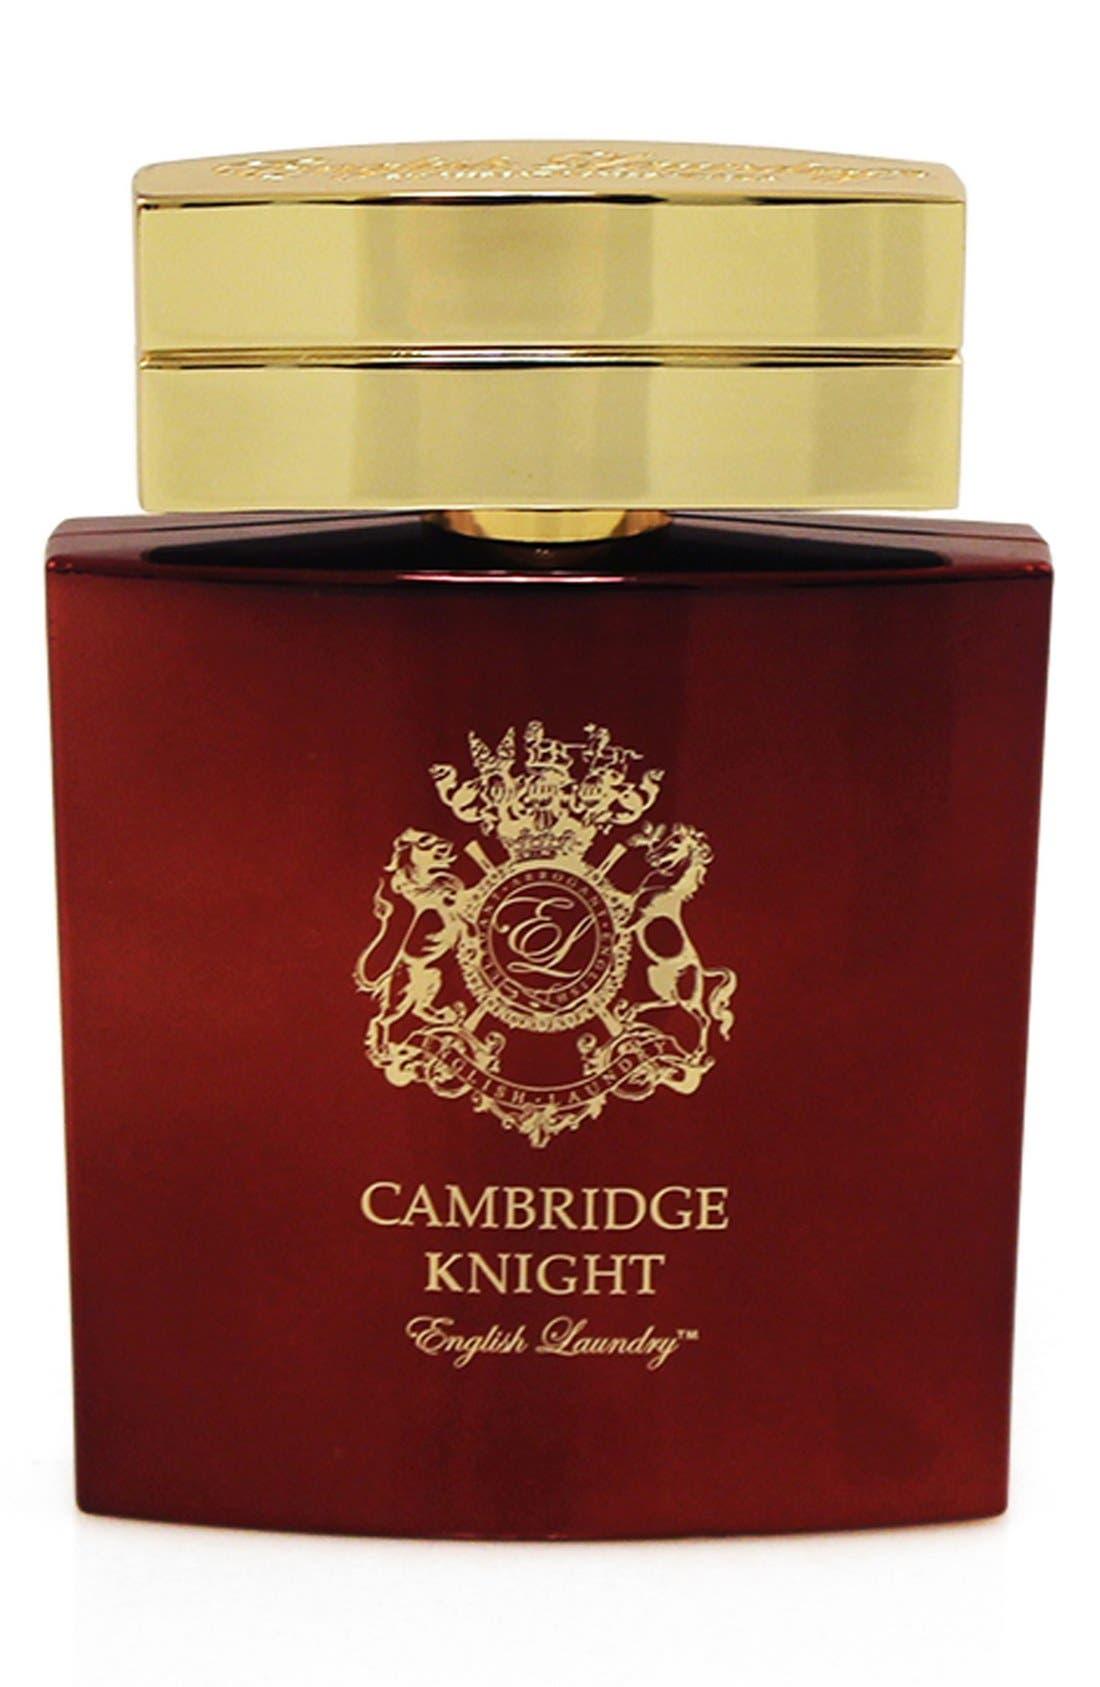 'Cambridge Knight' Eau de Parfum,                             Main thumbnail 1, color,                             000